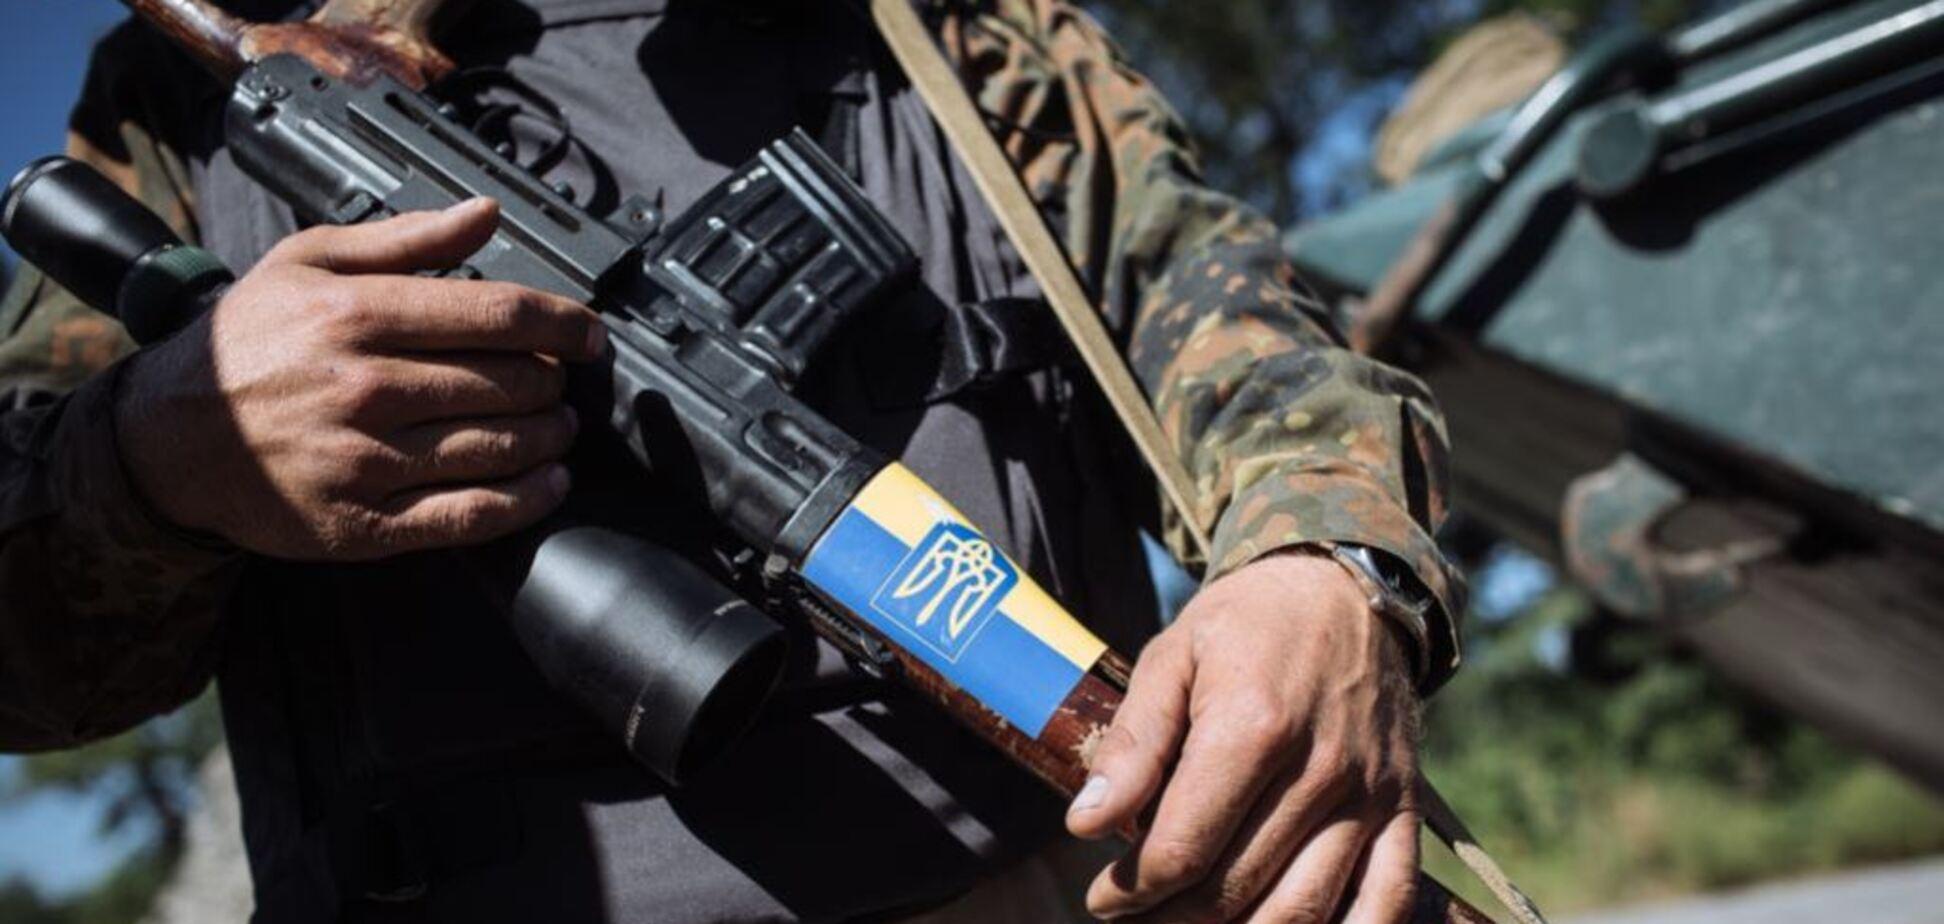 На Донбасі сталася трагедія: ЗСУ помстилися ''Л/ДНР''